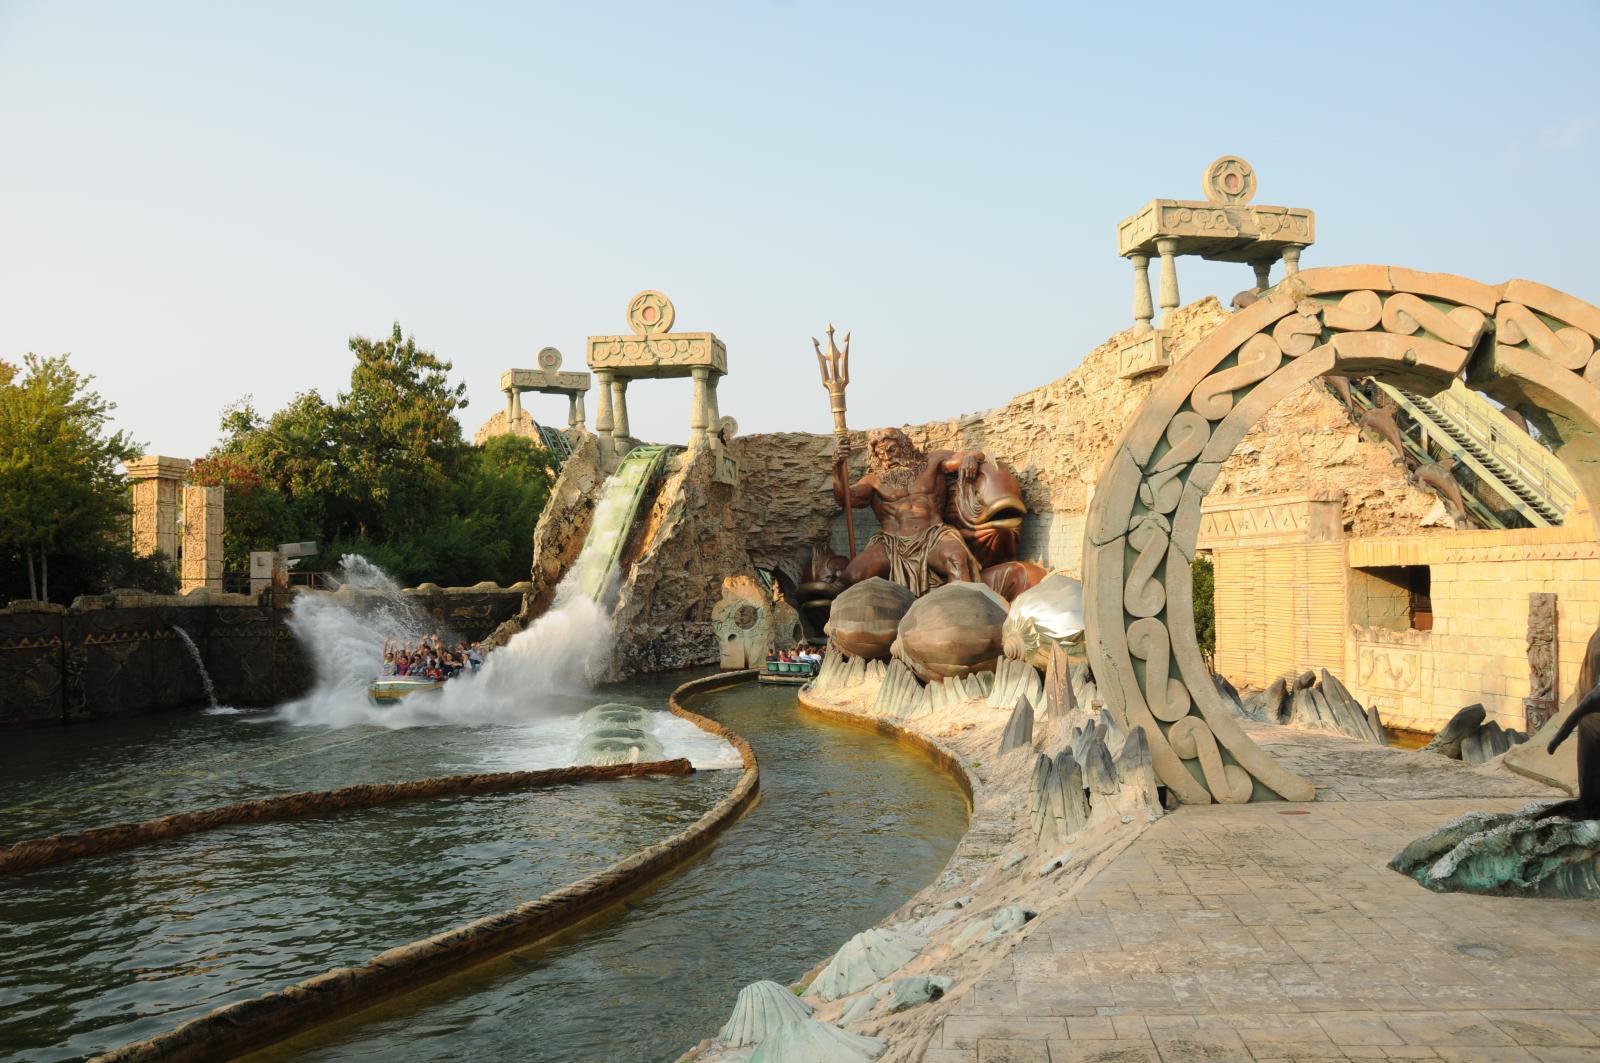 Водные аттракционы в парке Гардаленд, Италия